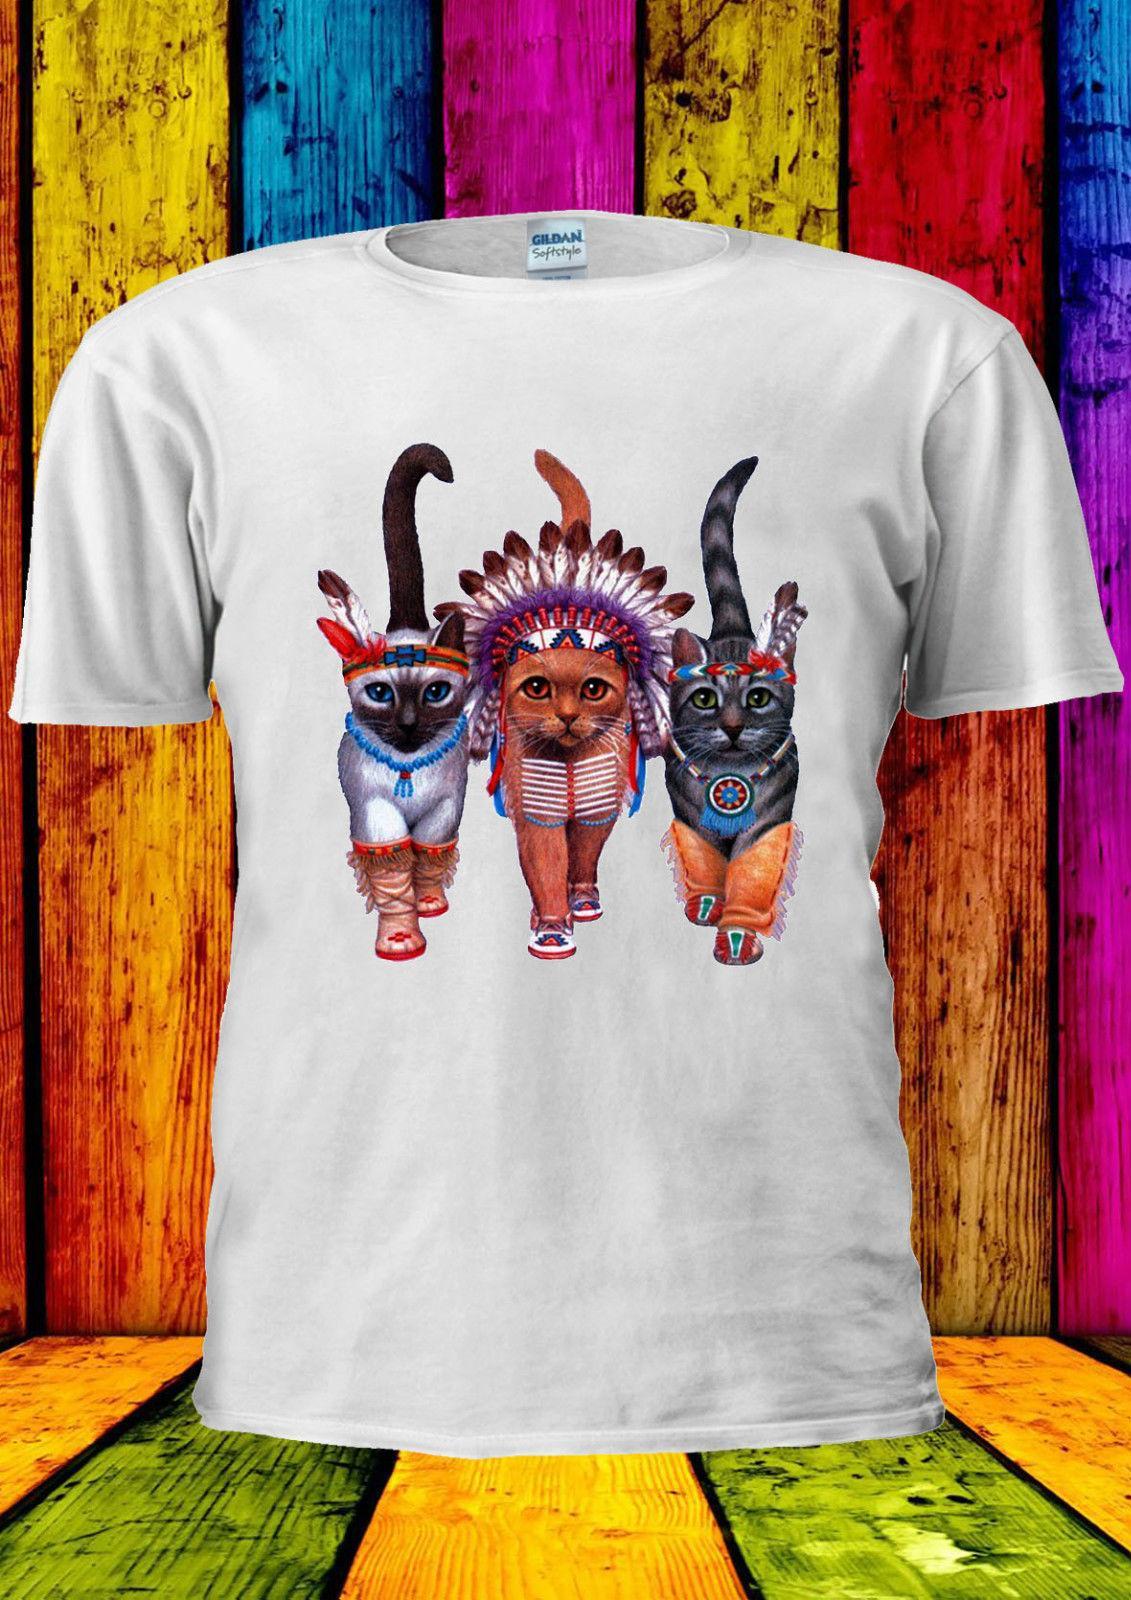 3e853c93a Mob of Cats Indian Funny Novelty T-shirt Vest Tank Top Men Women ...